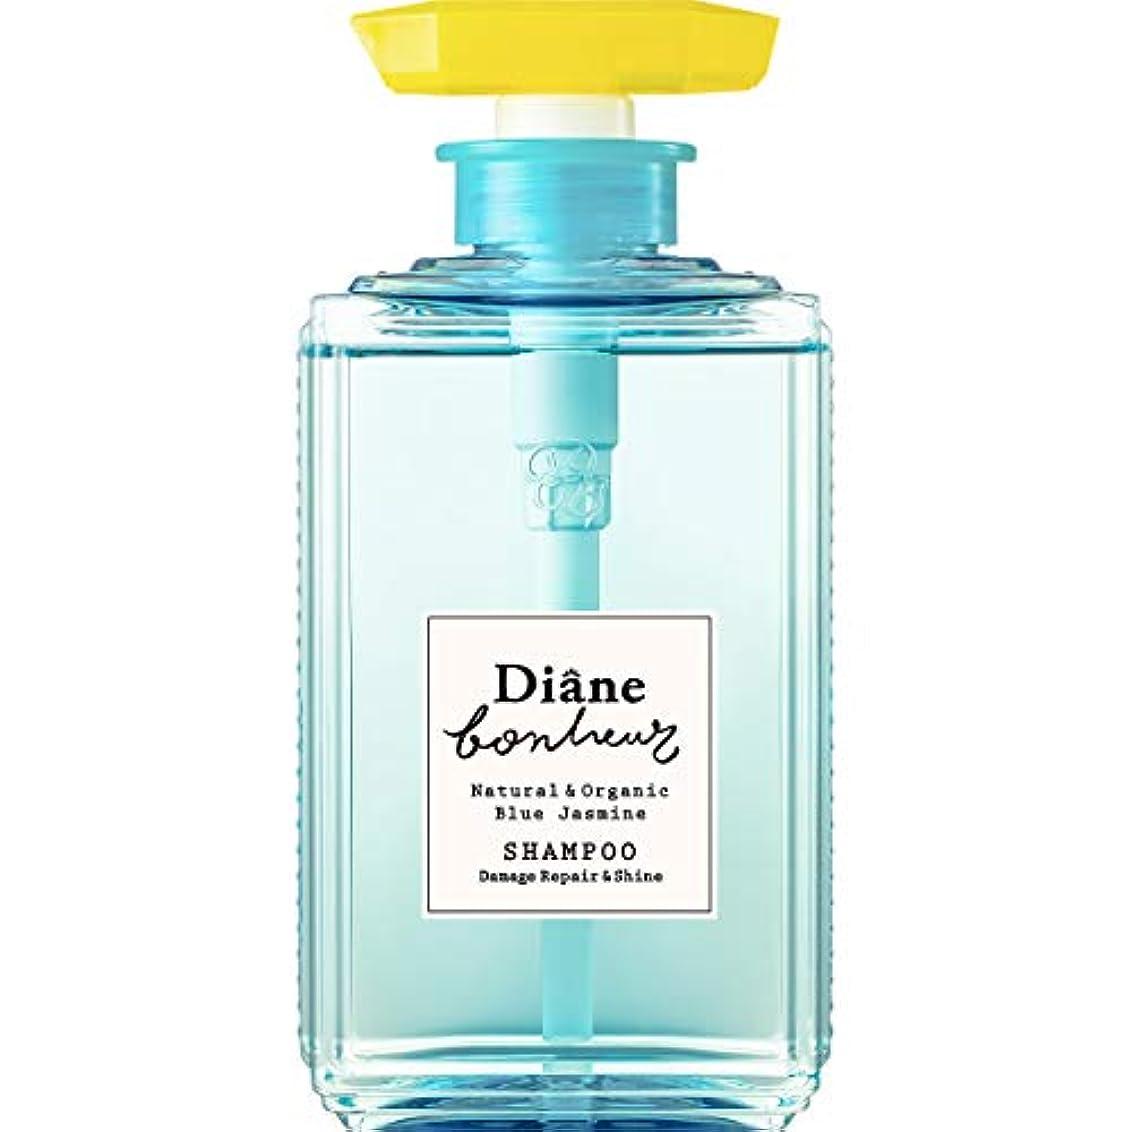 ダイアン ボヌール シャンプー ブルージャスミンの香り ダメージリペア&シャイン 500ml